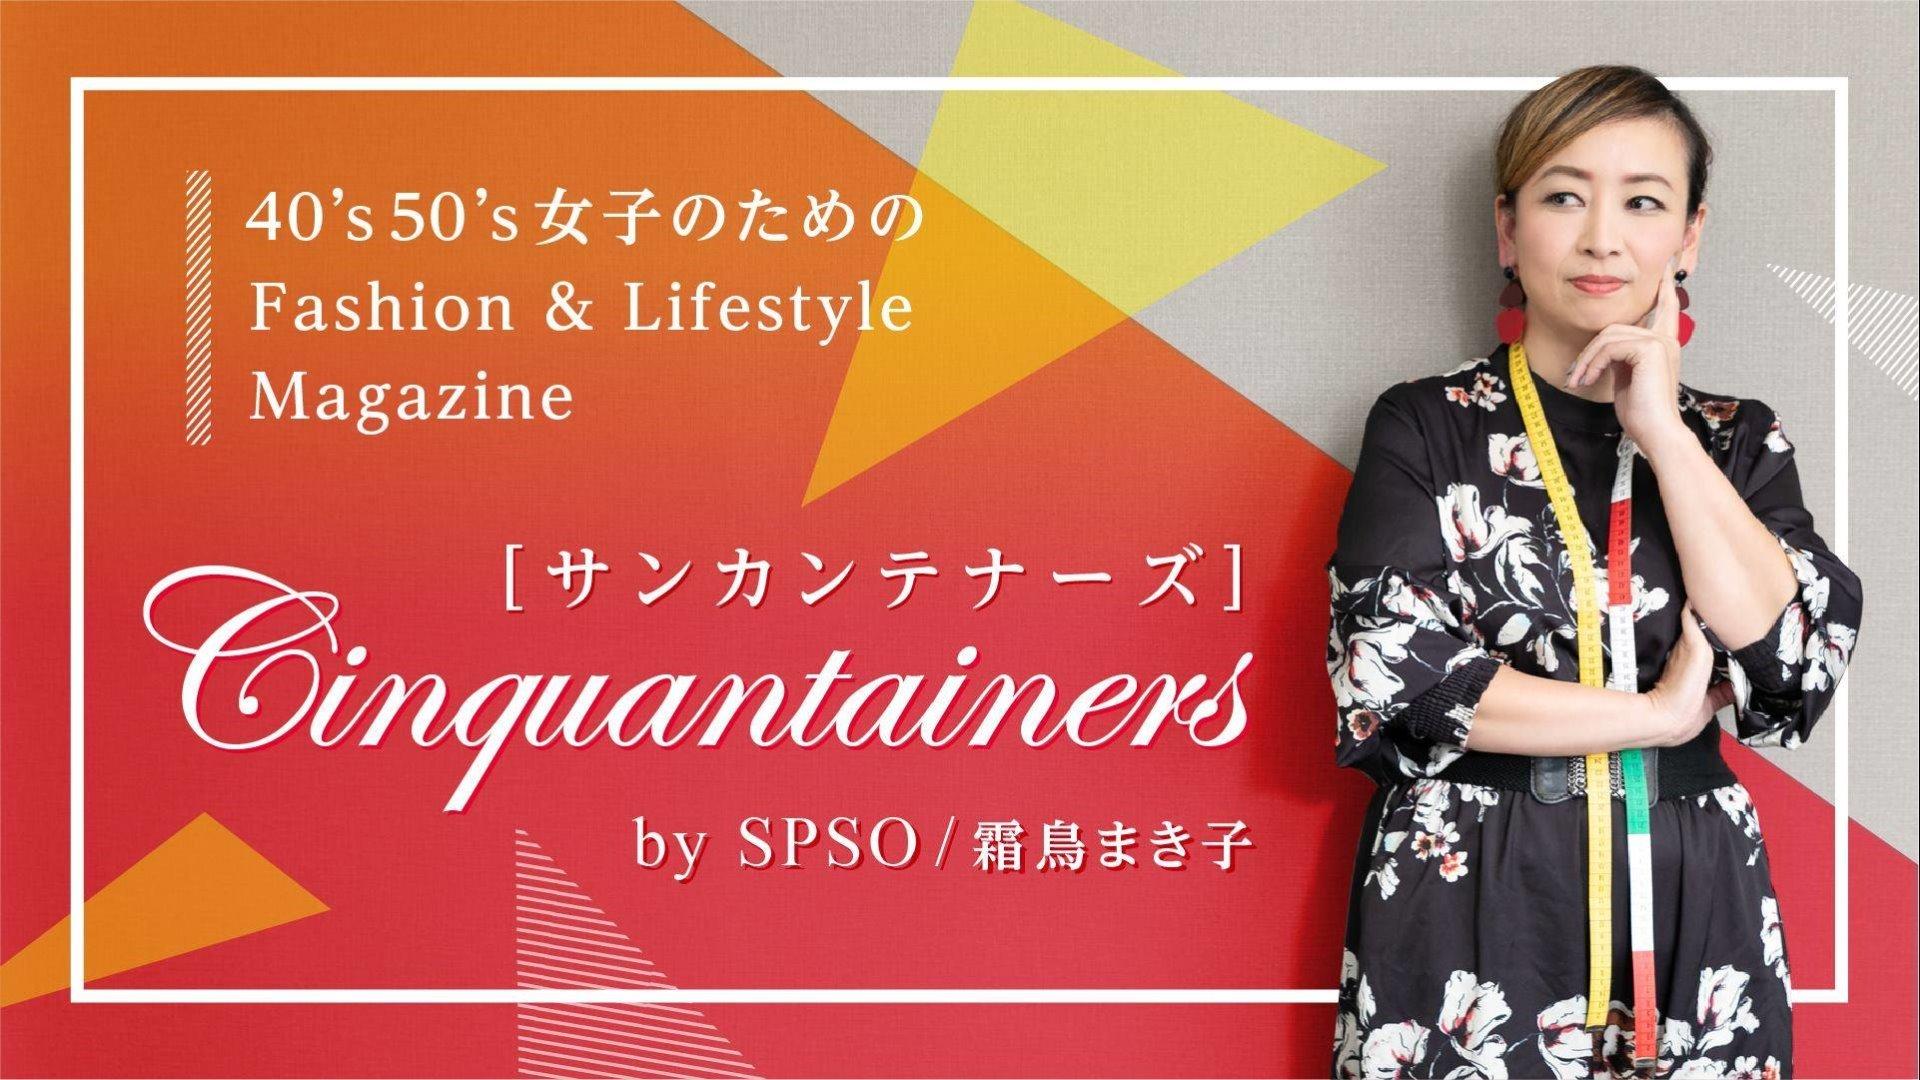 40代50代ファッション&ライフマガジン「サンカンテナーズ」